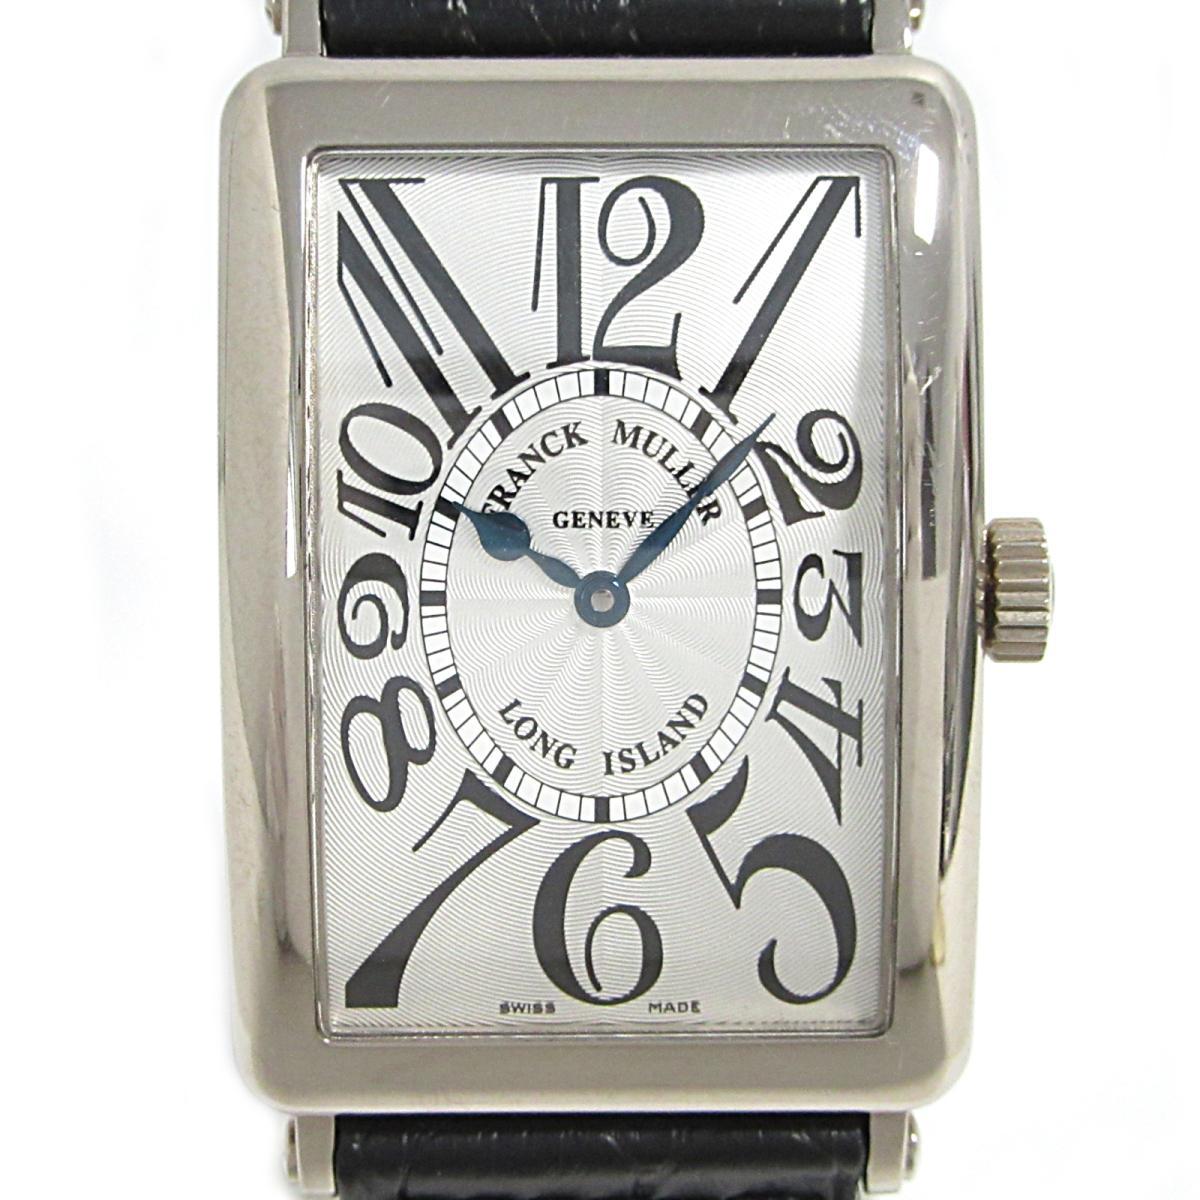 【中古】 フランク・ミュラー ロングアイランド 腕時計 ウォッチ メンズ K18WG (750)ホワイトゴールド クロコレザーベルト (1000SC)   FRANCK MULLER BRANDOFF ブランドオフ ブランド ブランド時計 ブランド腕時計 時計